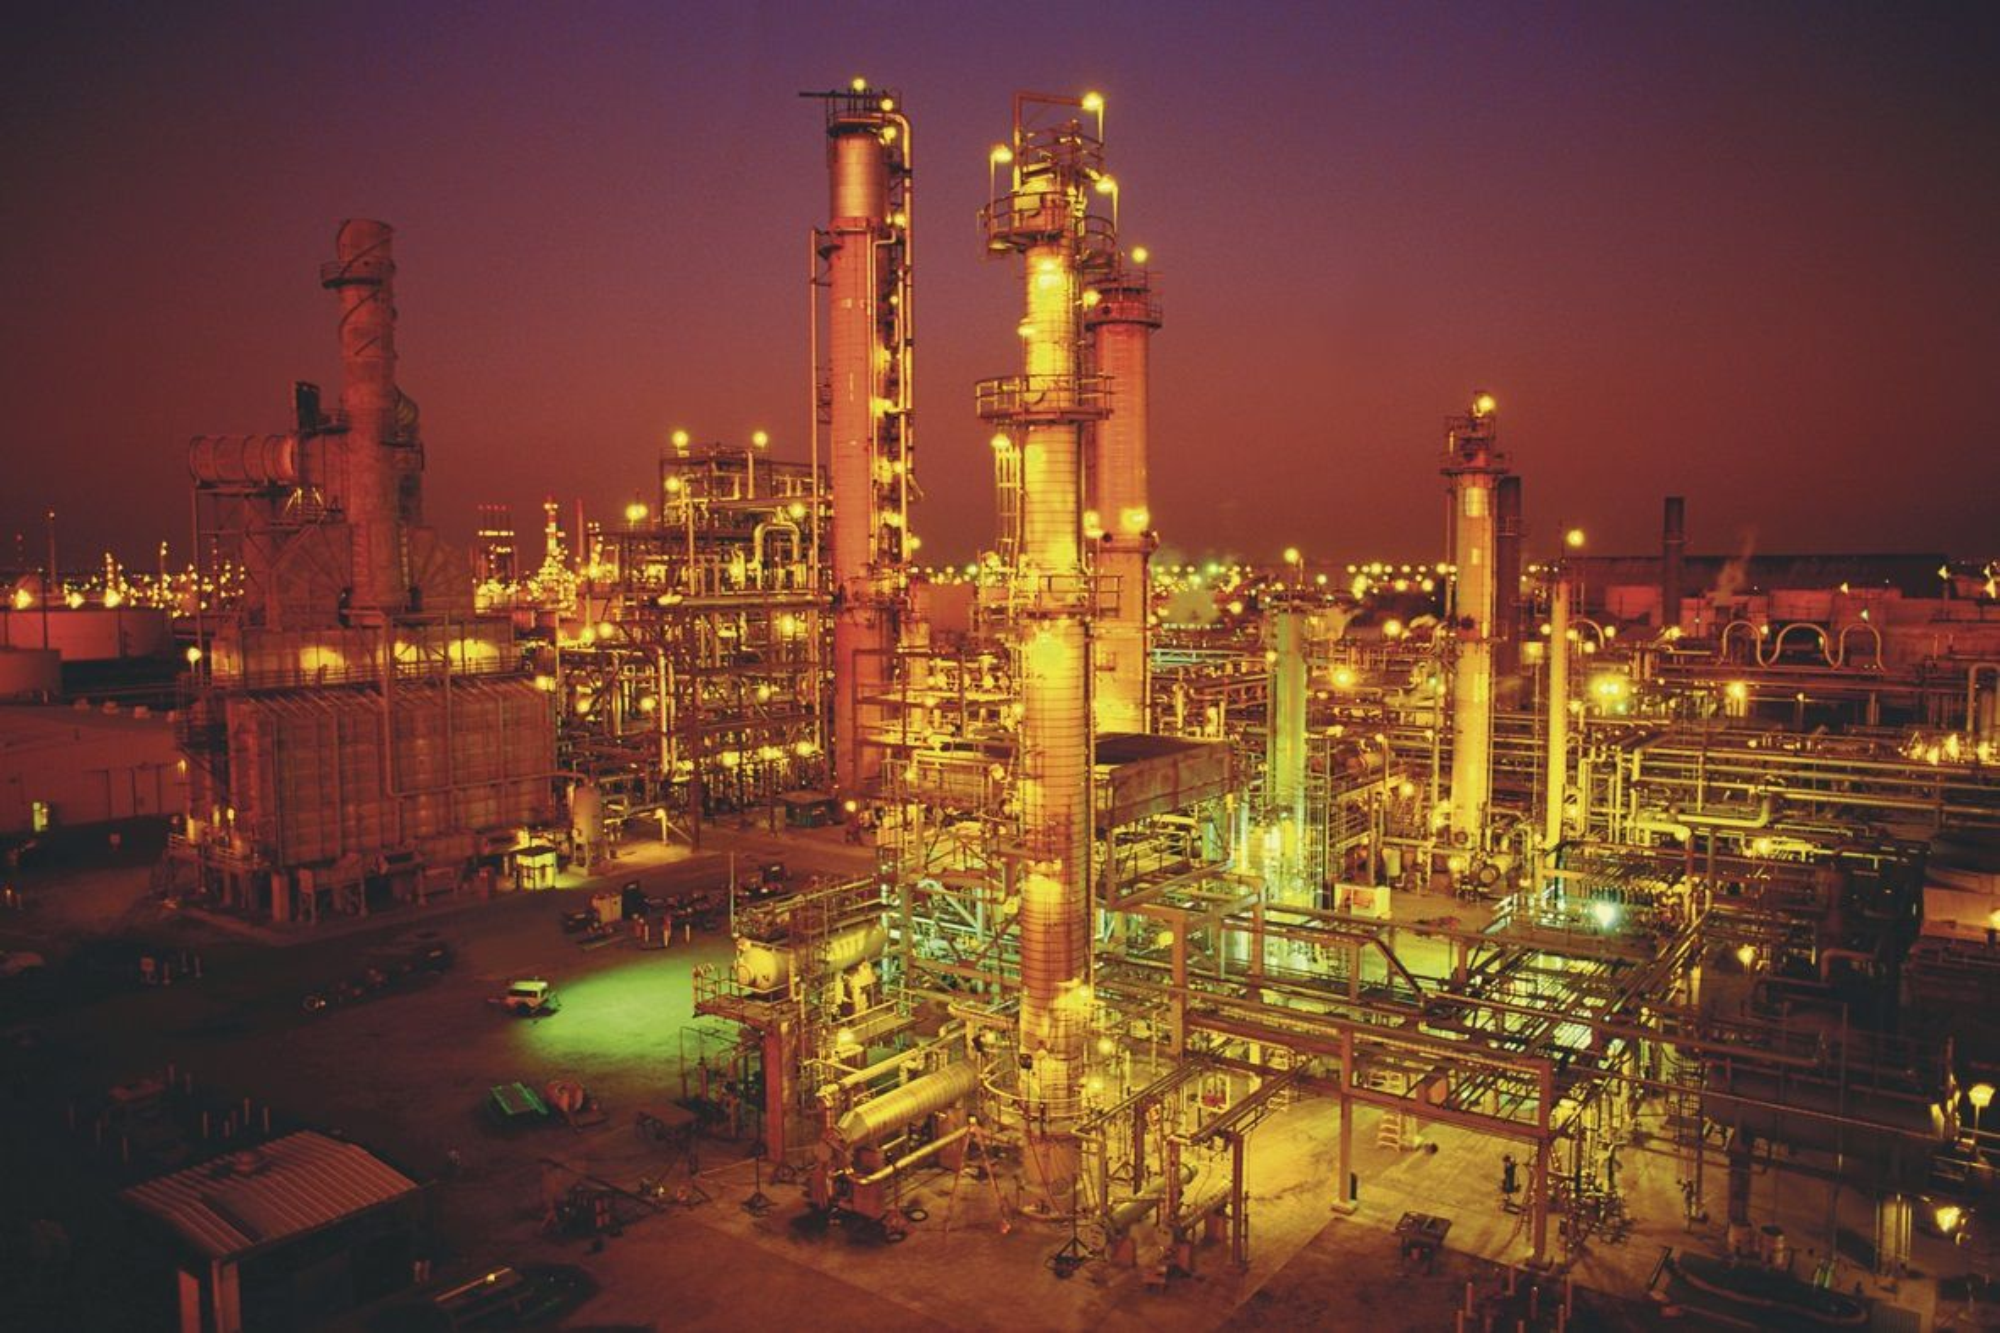 God tempareaturovervåkning er viktig for både sikkerhet og optimalisering av produksjonen.